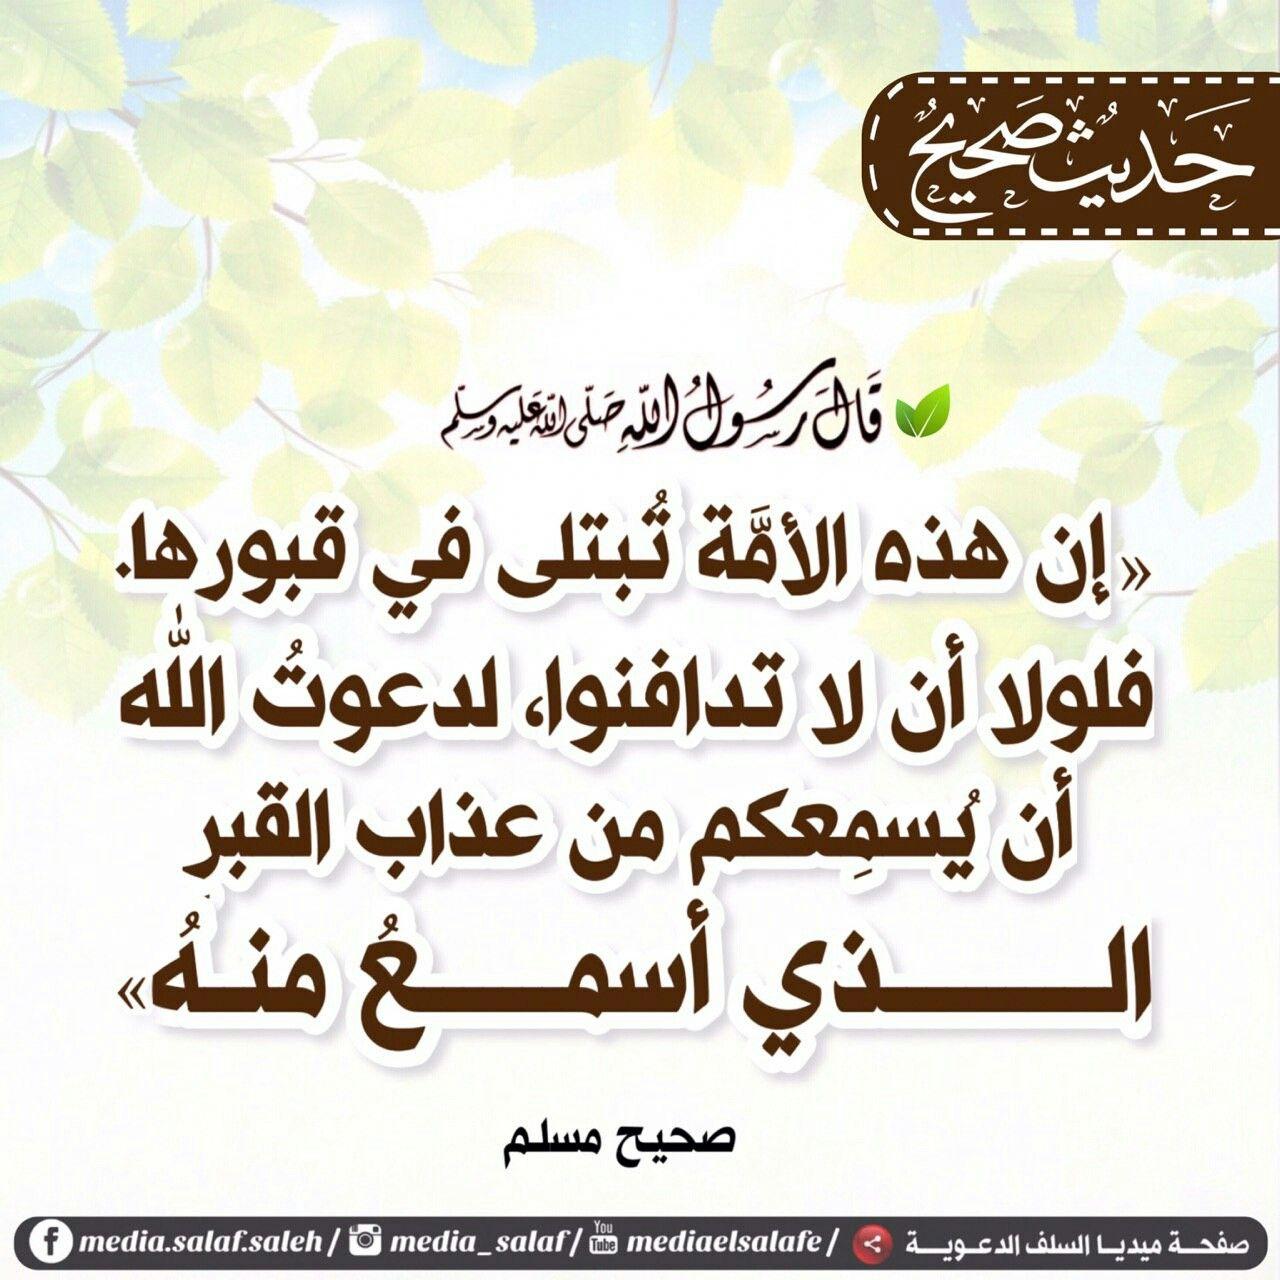 Pin By زهرة الياسمين On الأحاديث النبوية Arabic Islam Arabic Calligraphy